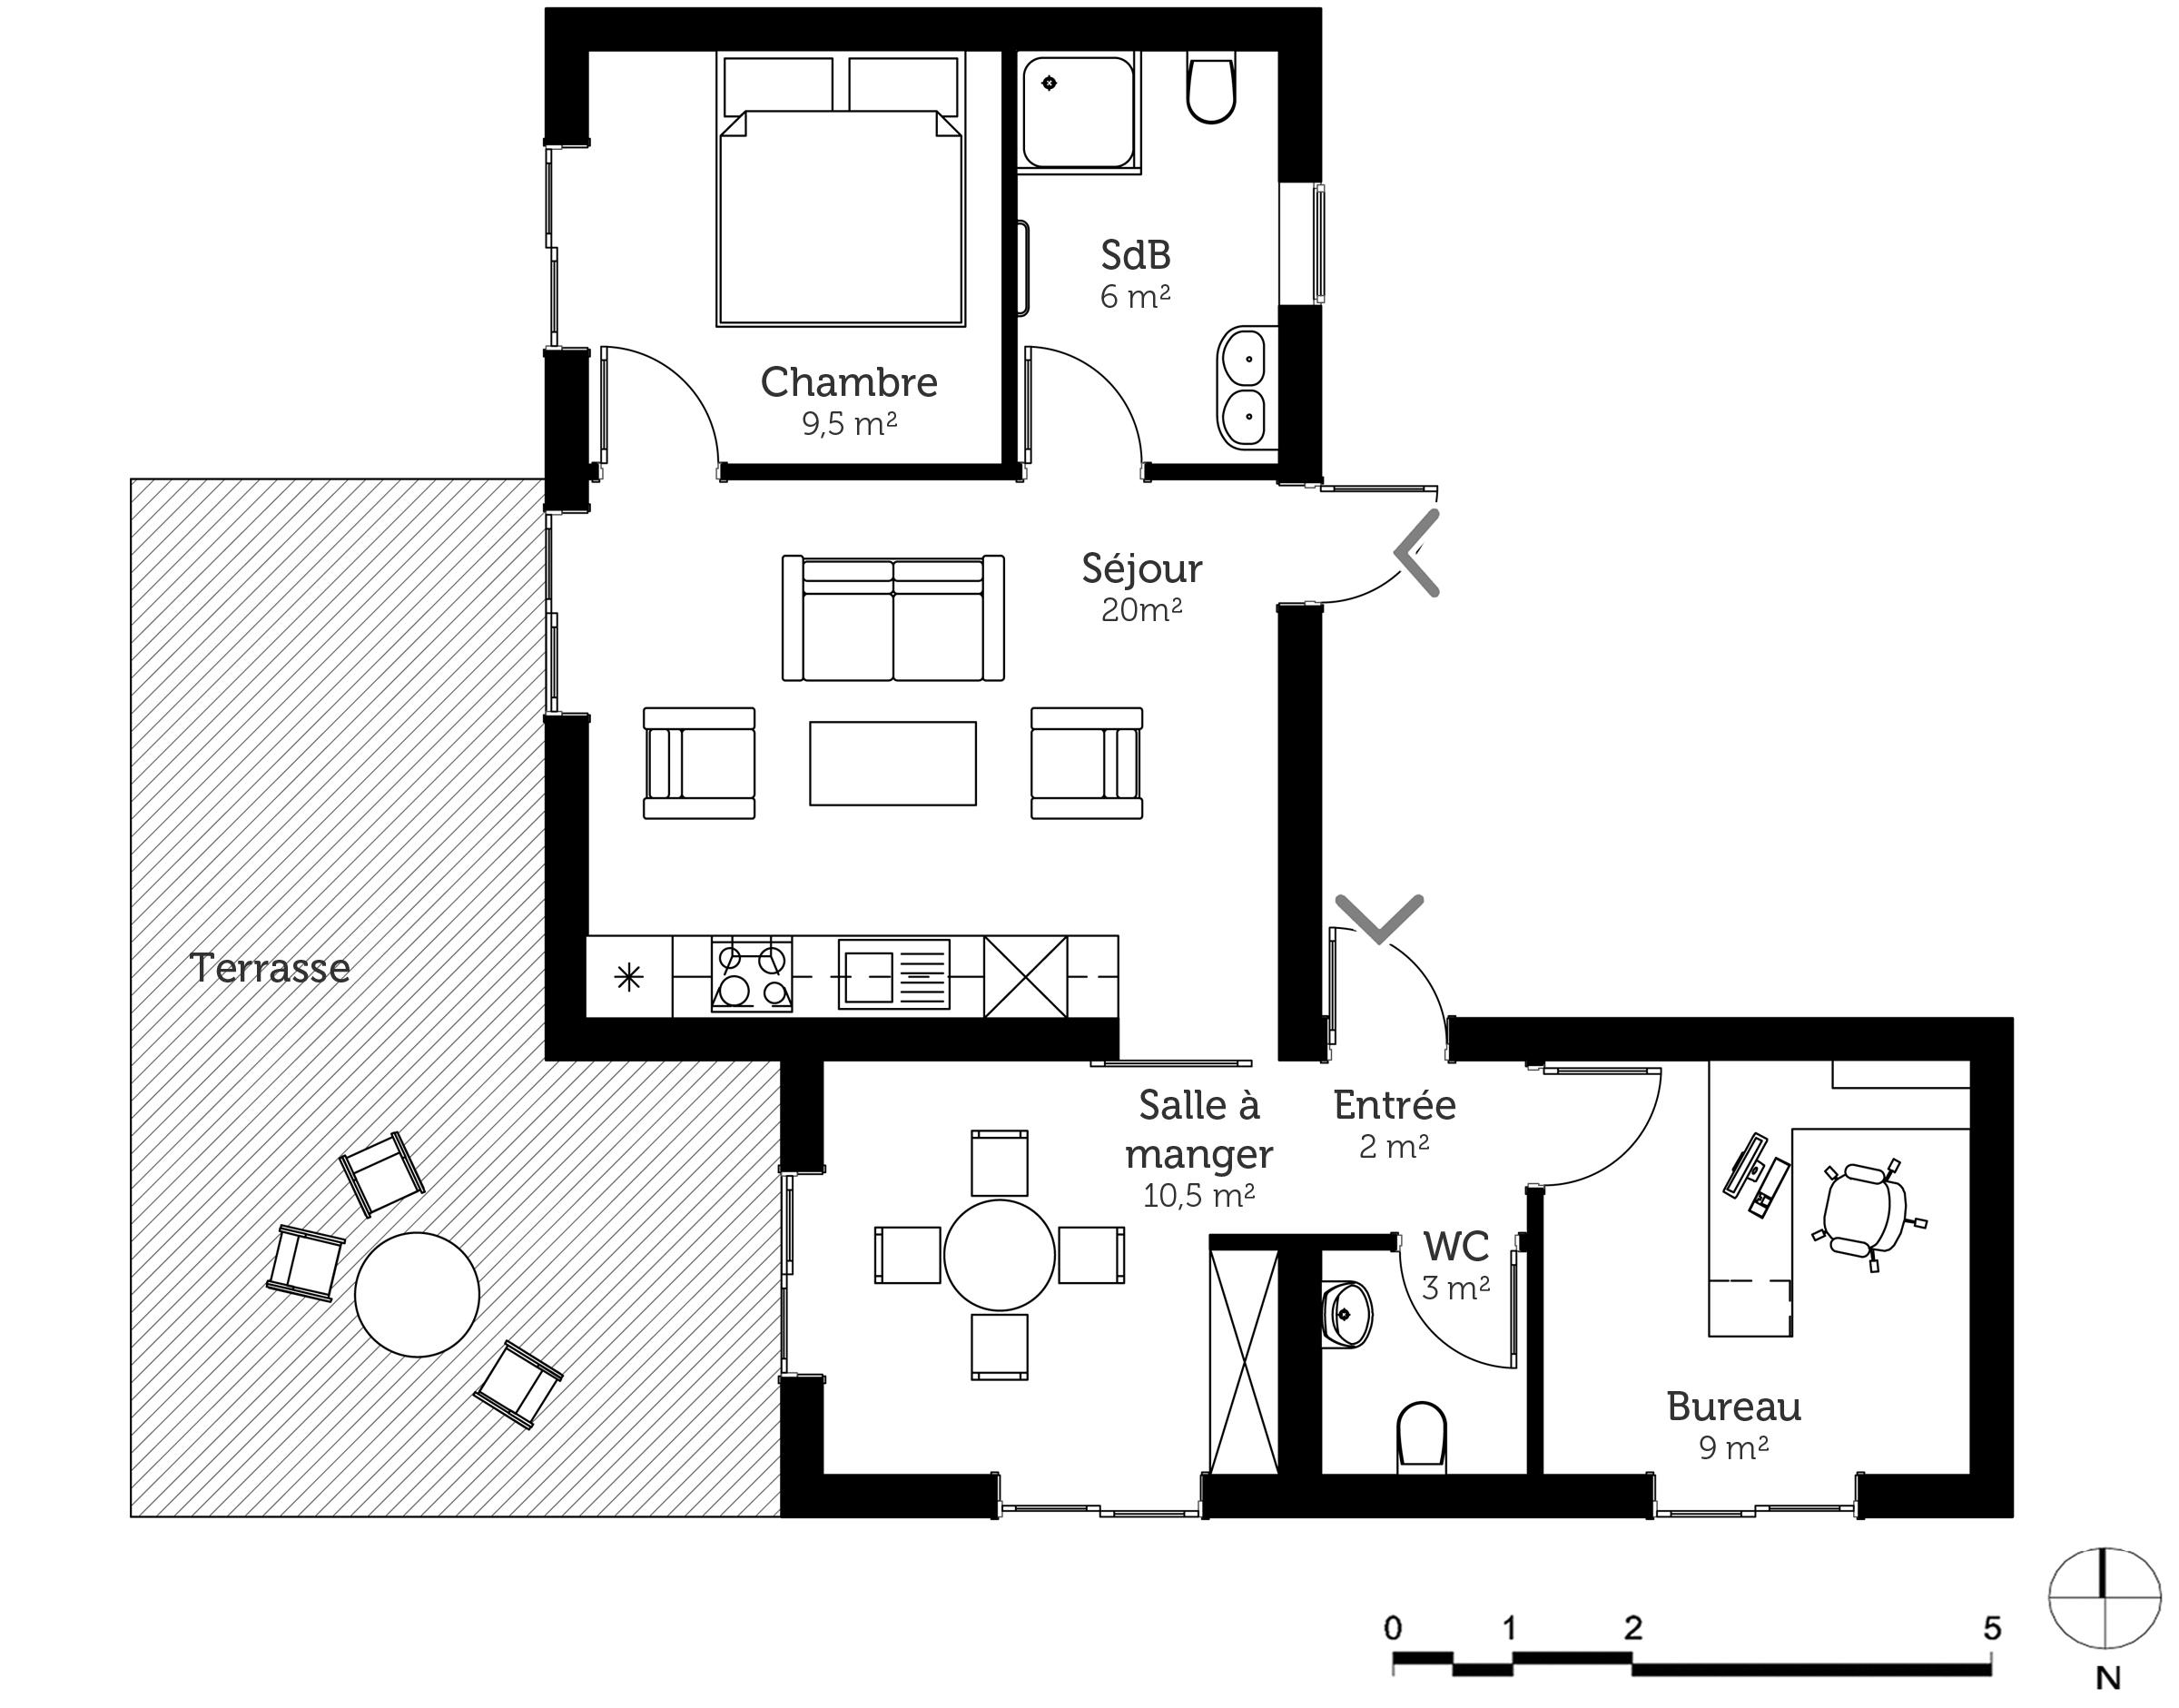 #666666 Plan Maison Contemporaine 60 M² Ooreka 4971 plan piece a vivre 30m2 2400x1881 px @ aertt.com